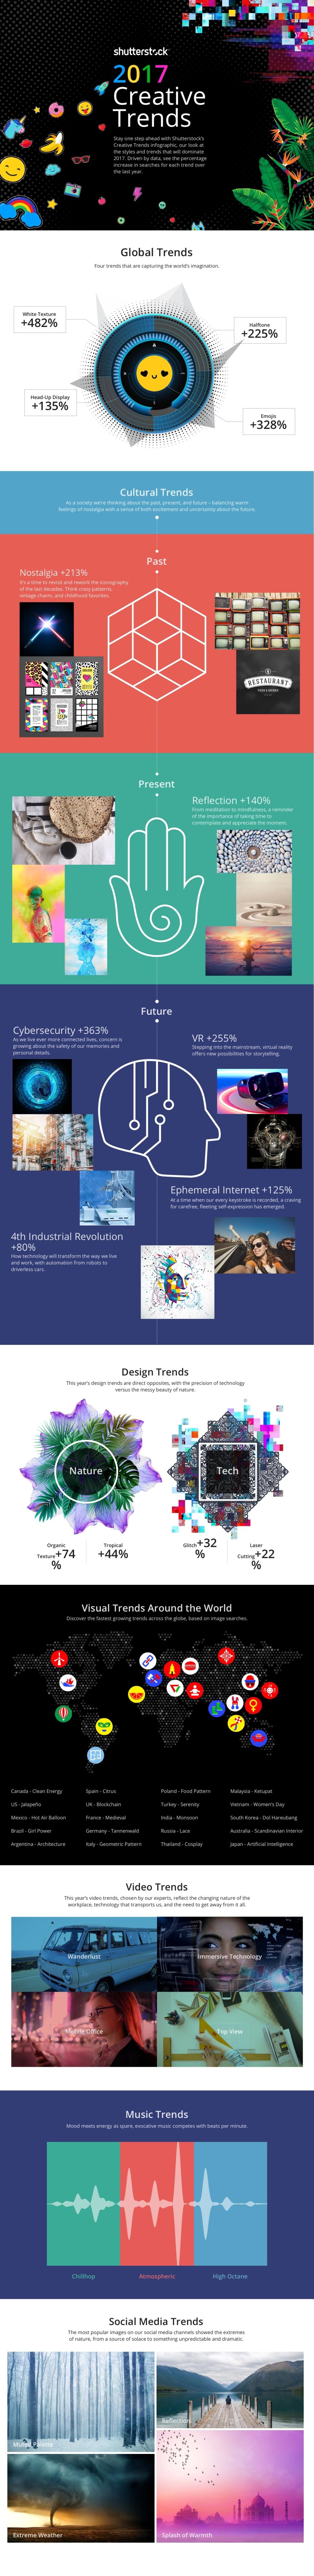 tendances-creatives-2017-shutterstock-2